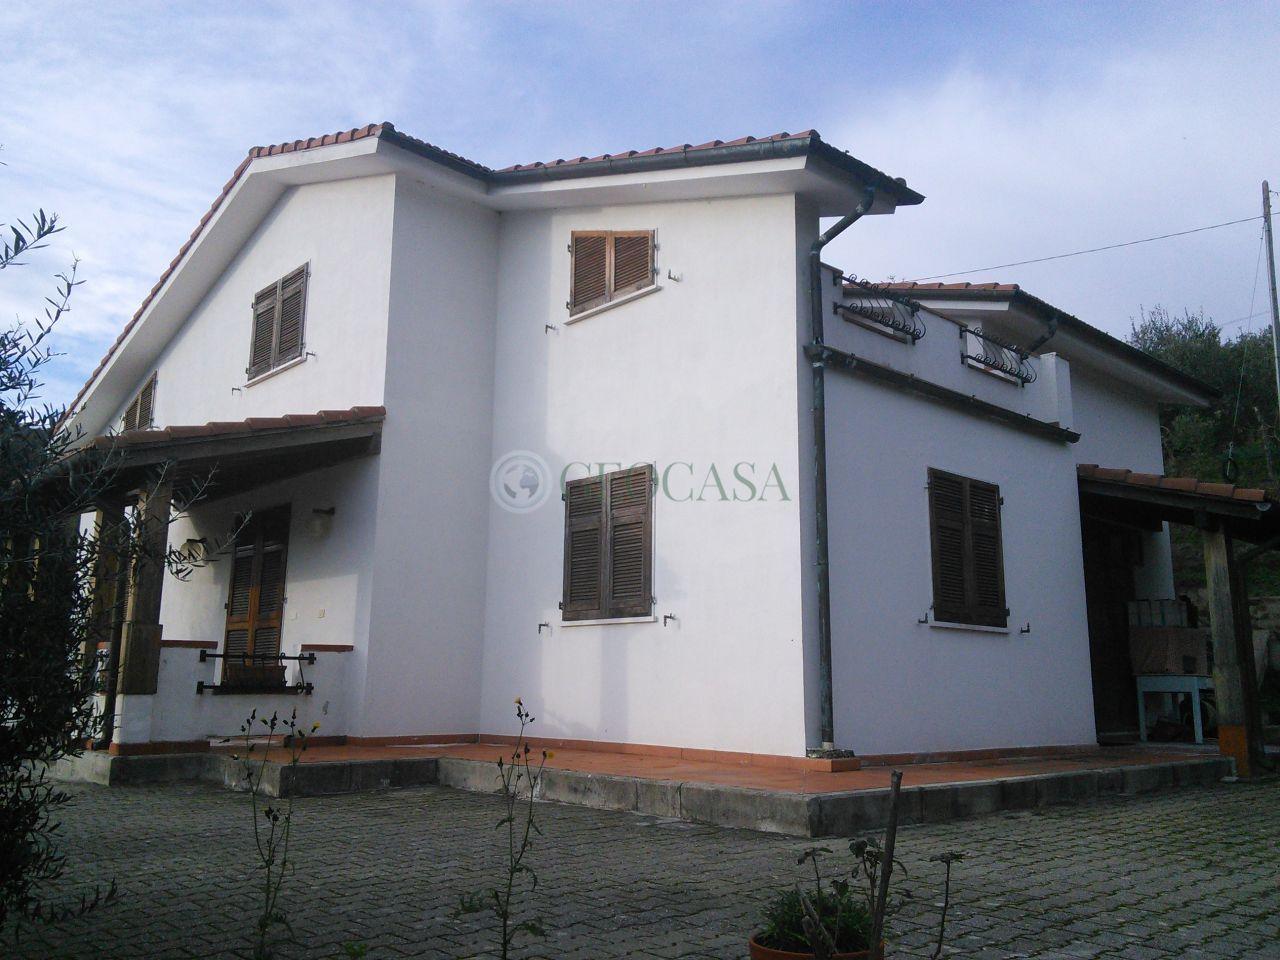 Soluzione Indipendente in vendita a Vezzano Ligure, 10 locali, prezzo € 295.000 | CambioCasa.it